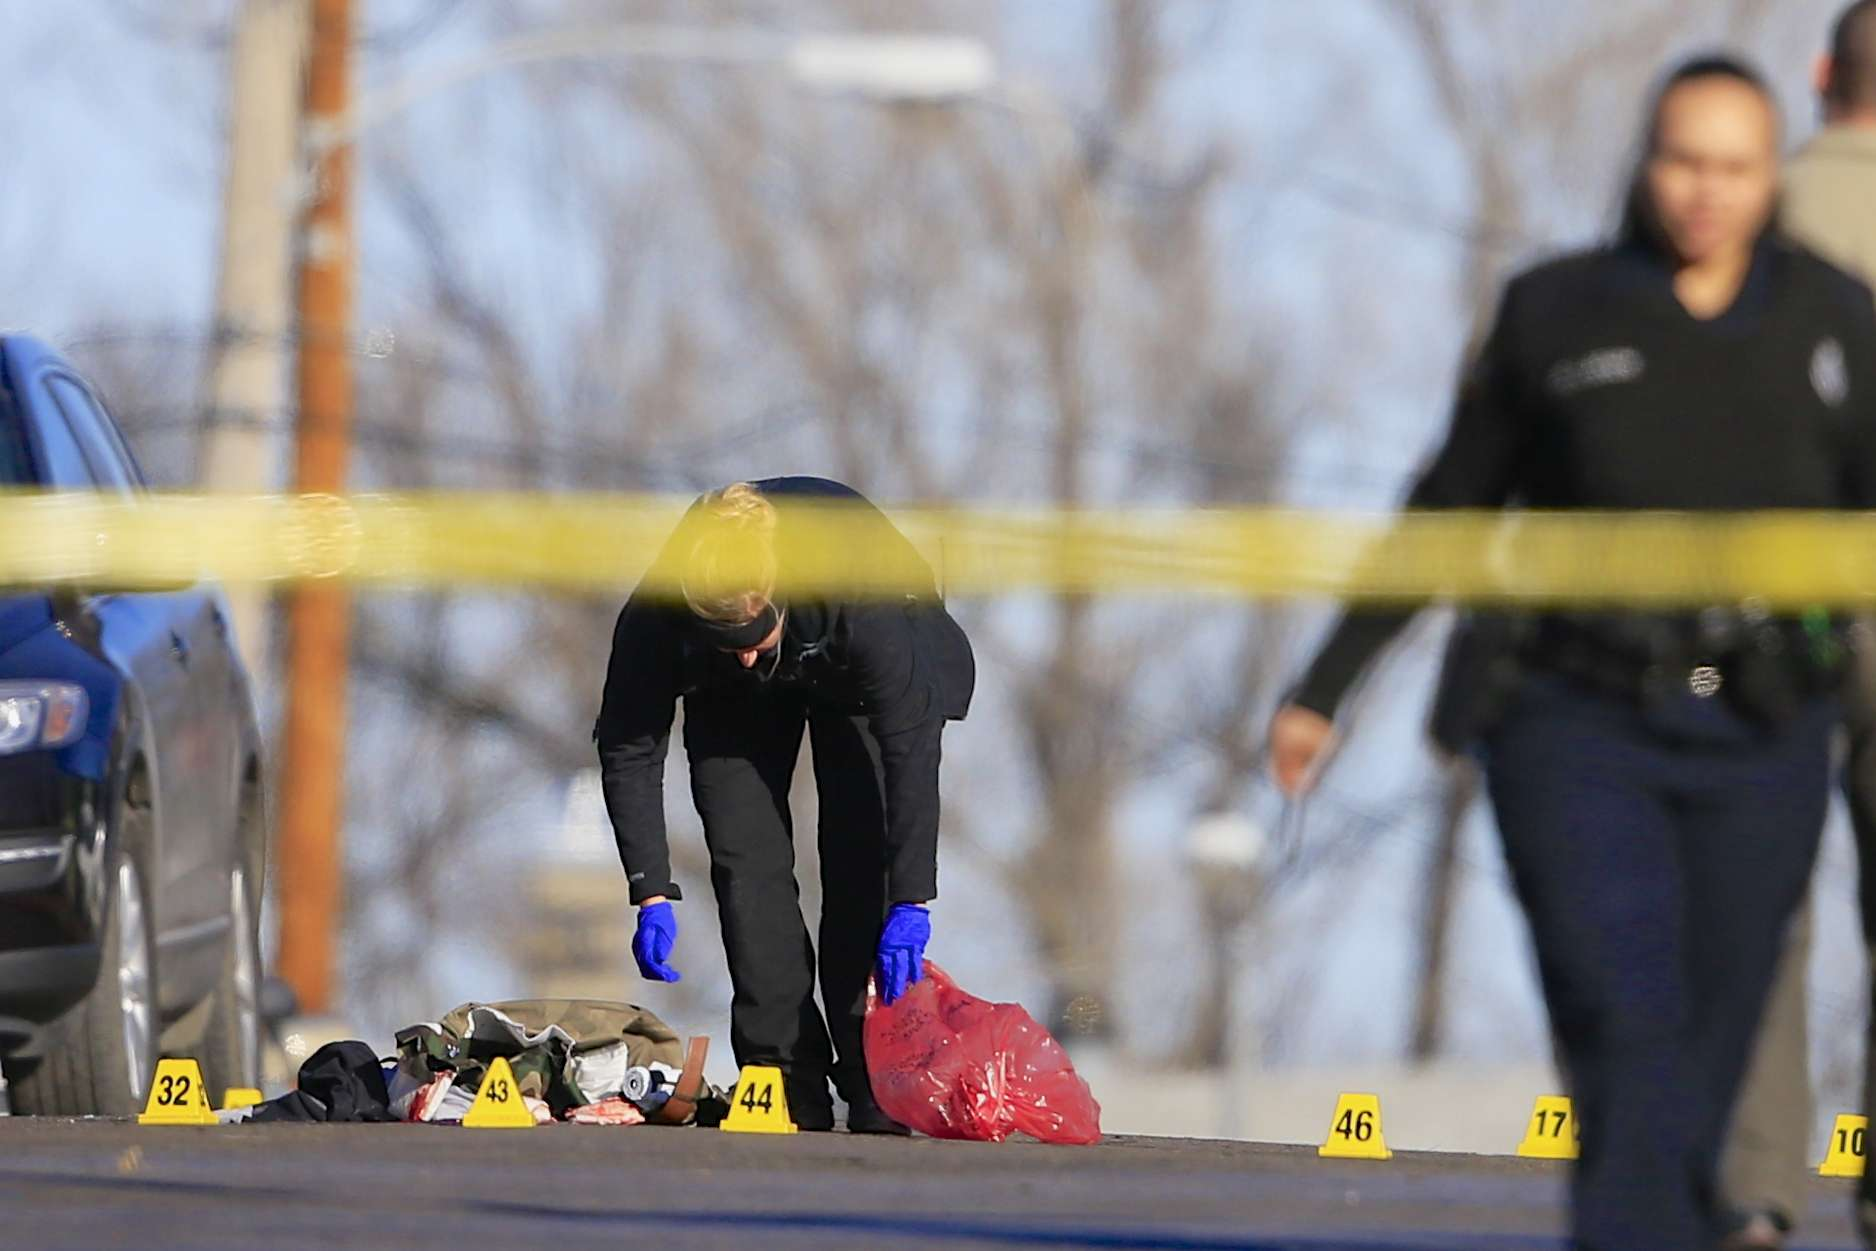 El tiroteo se desarrolló en medio de una fiesta que se realizaba en una casa vacía en la ciudad de Omaha. Foto: AP en español